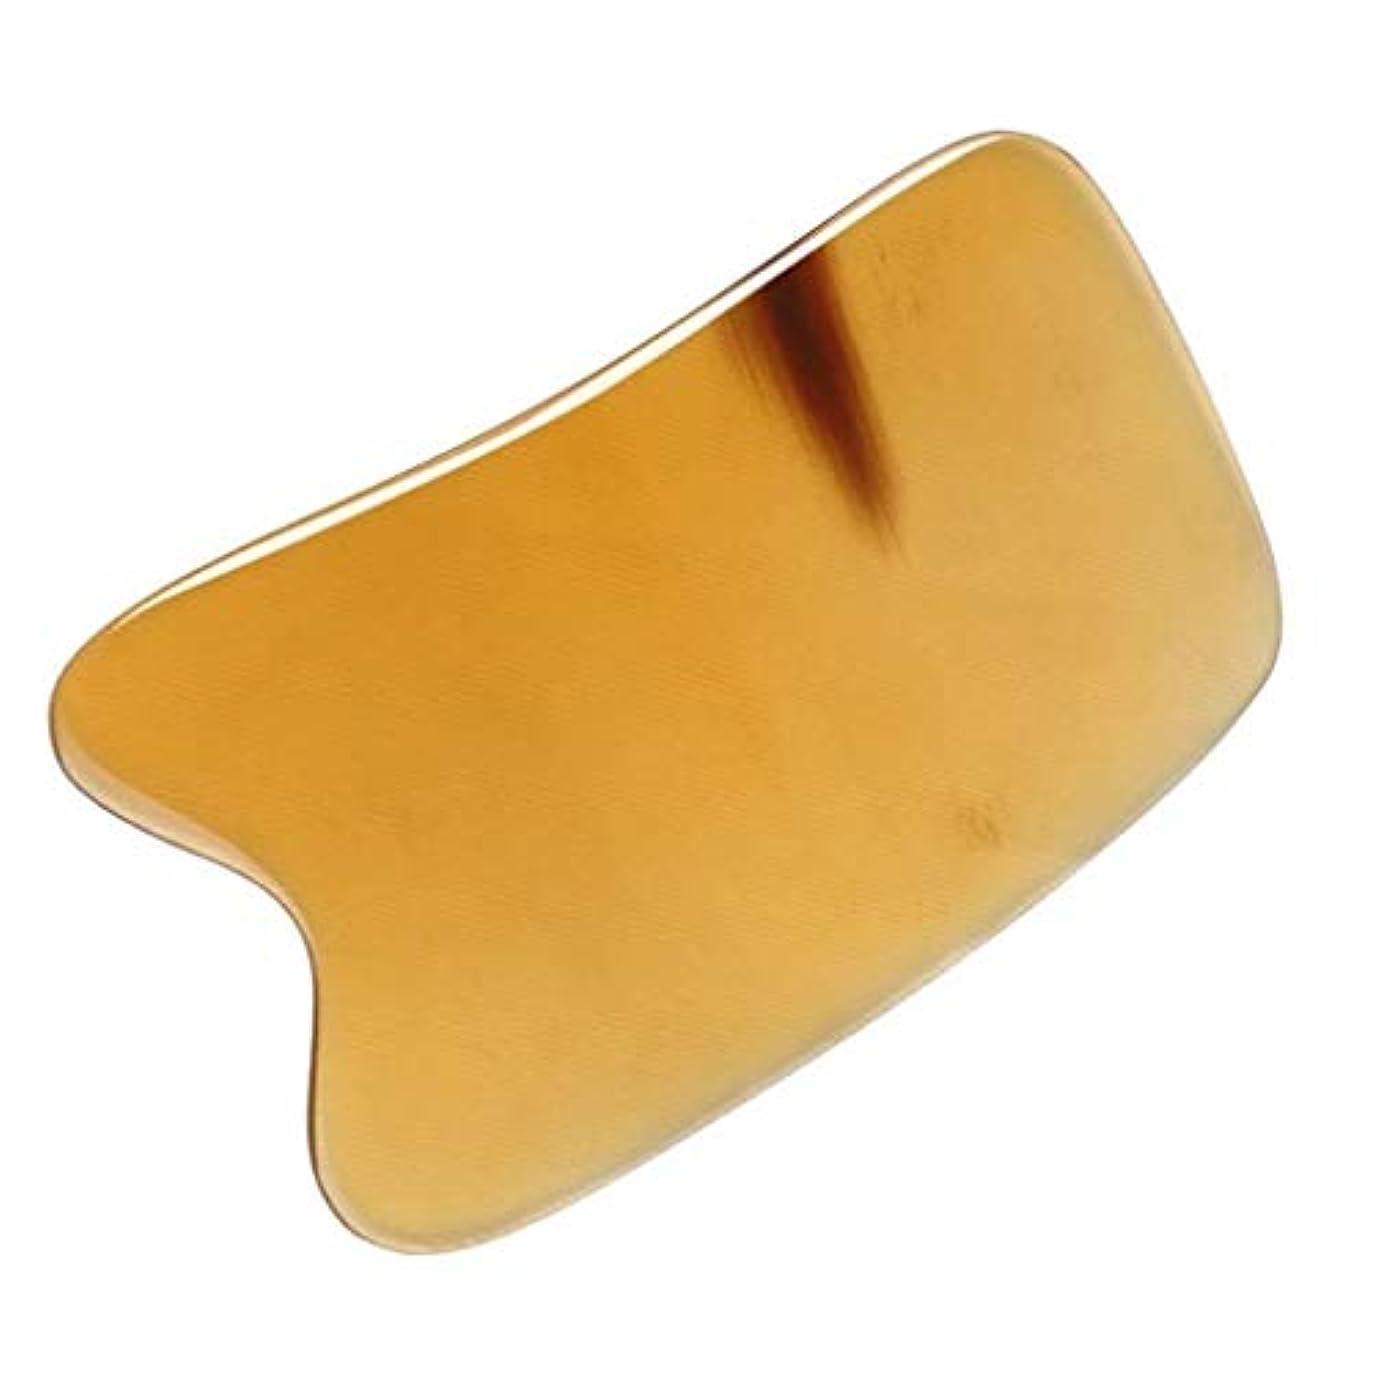 元気な名前テレマコスIASTMグラストン理学療法ツール-最高品質のハンドメイドバッファローホーングアシャボード-首と筋肉の痛みを軽減 (Size : 5mm)